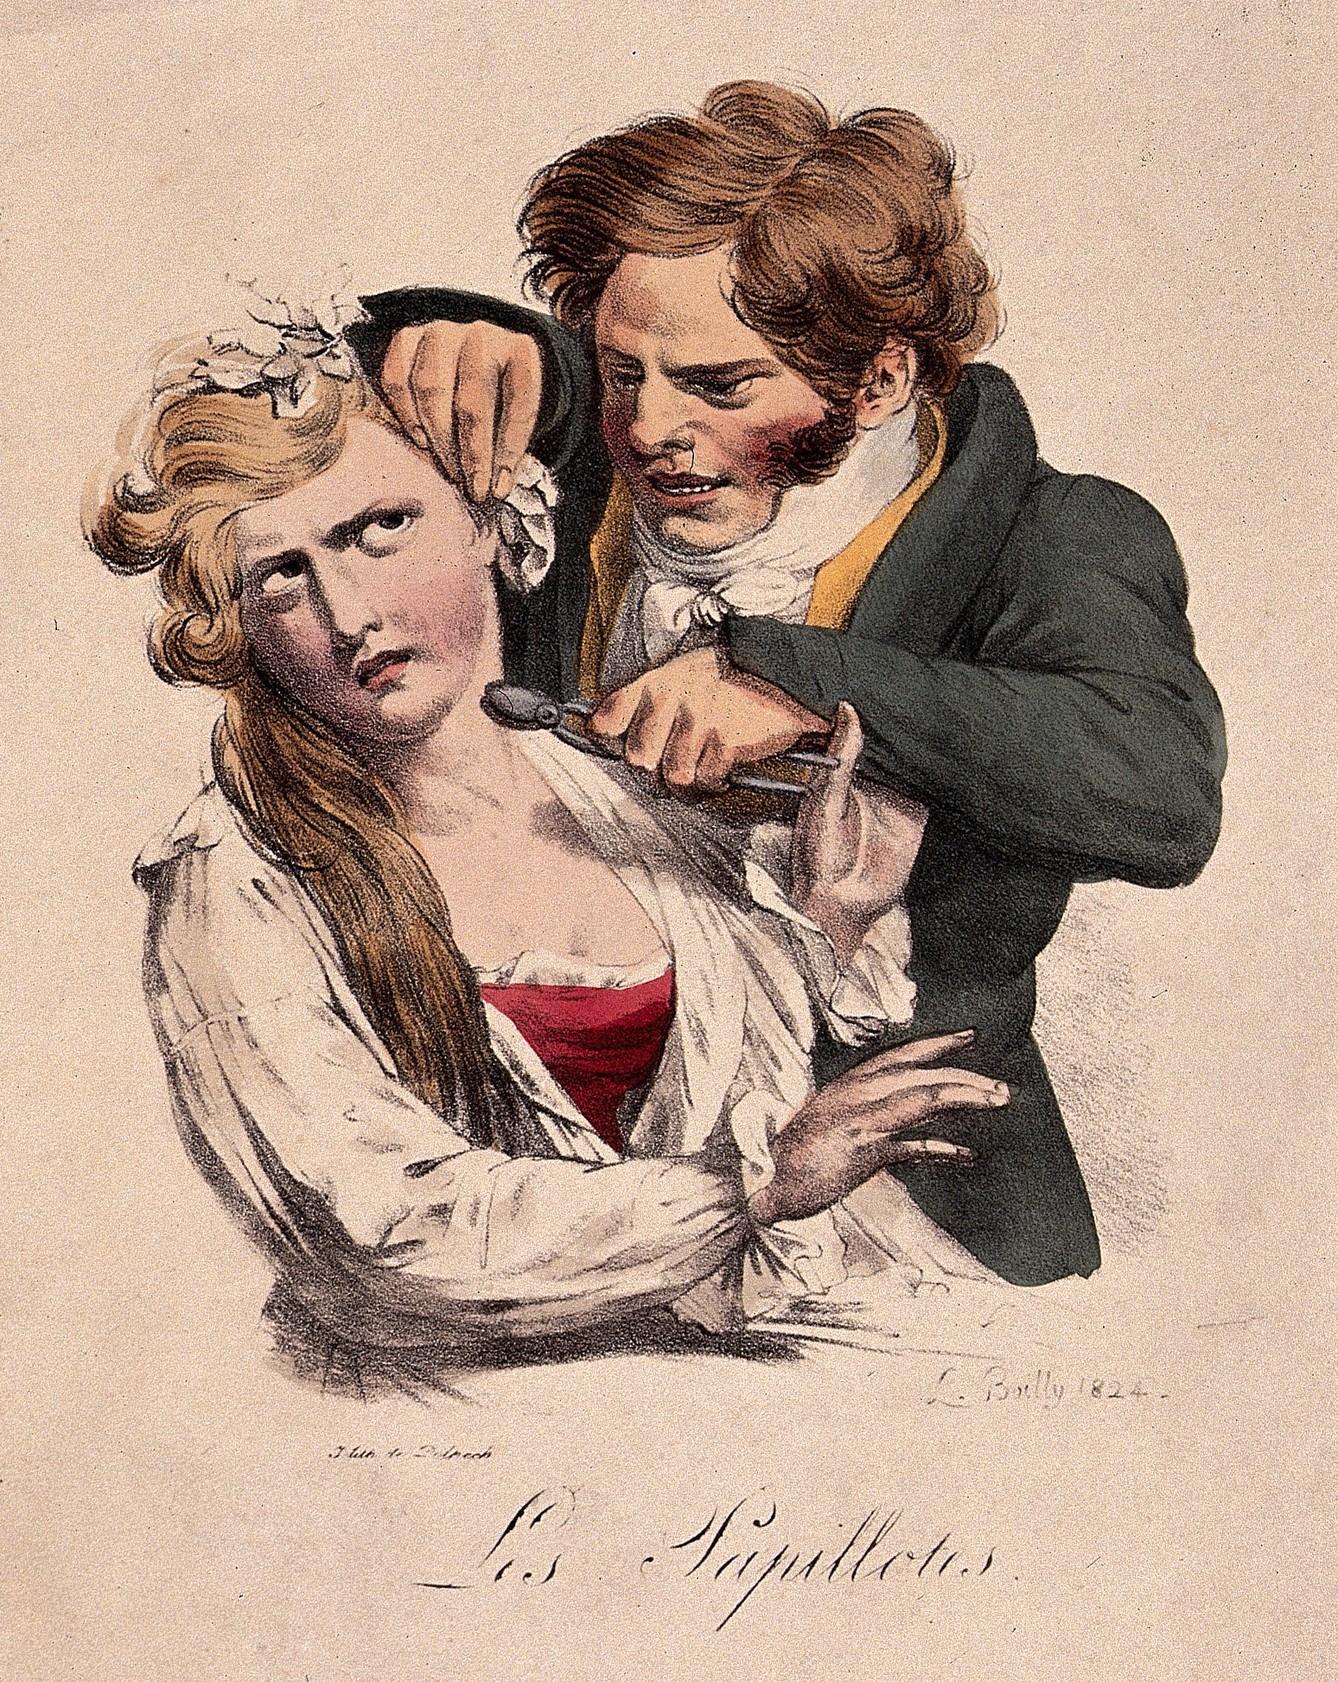 Boilly 1824 Les Papillottes Les grimaces